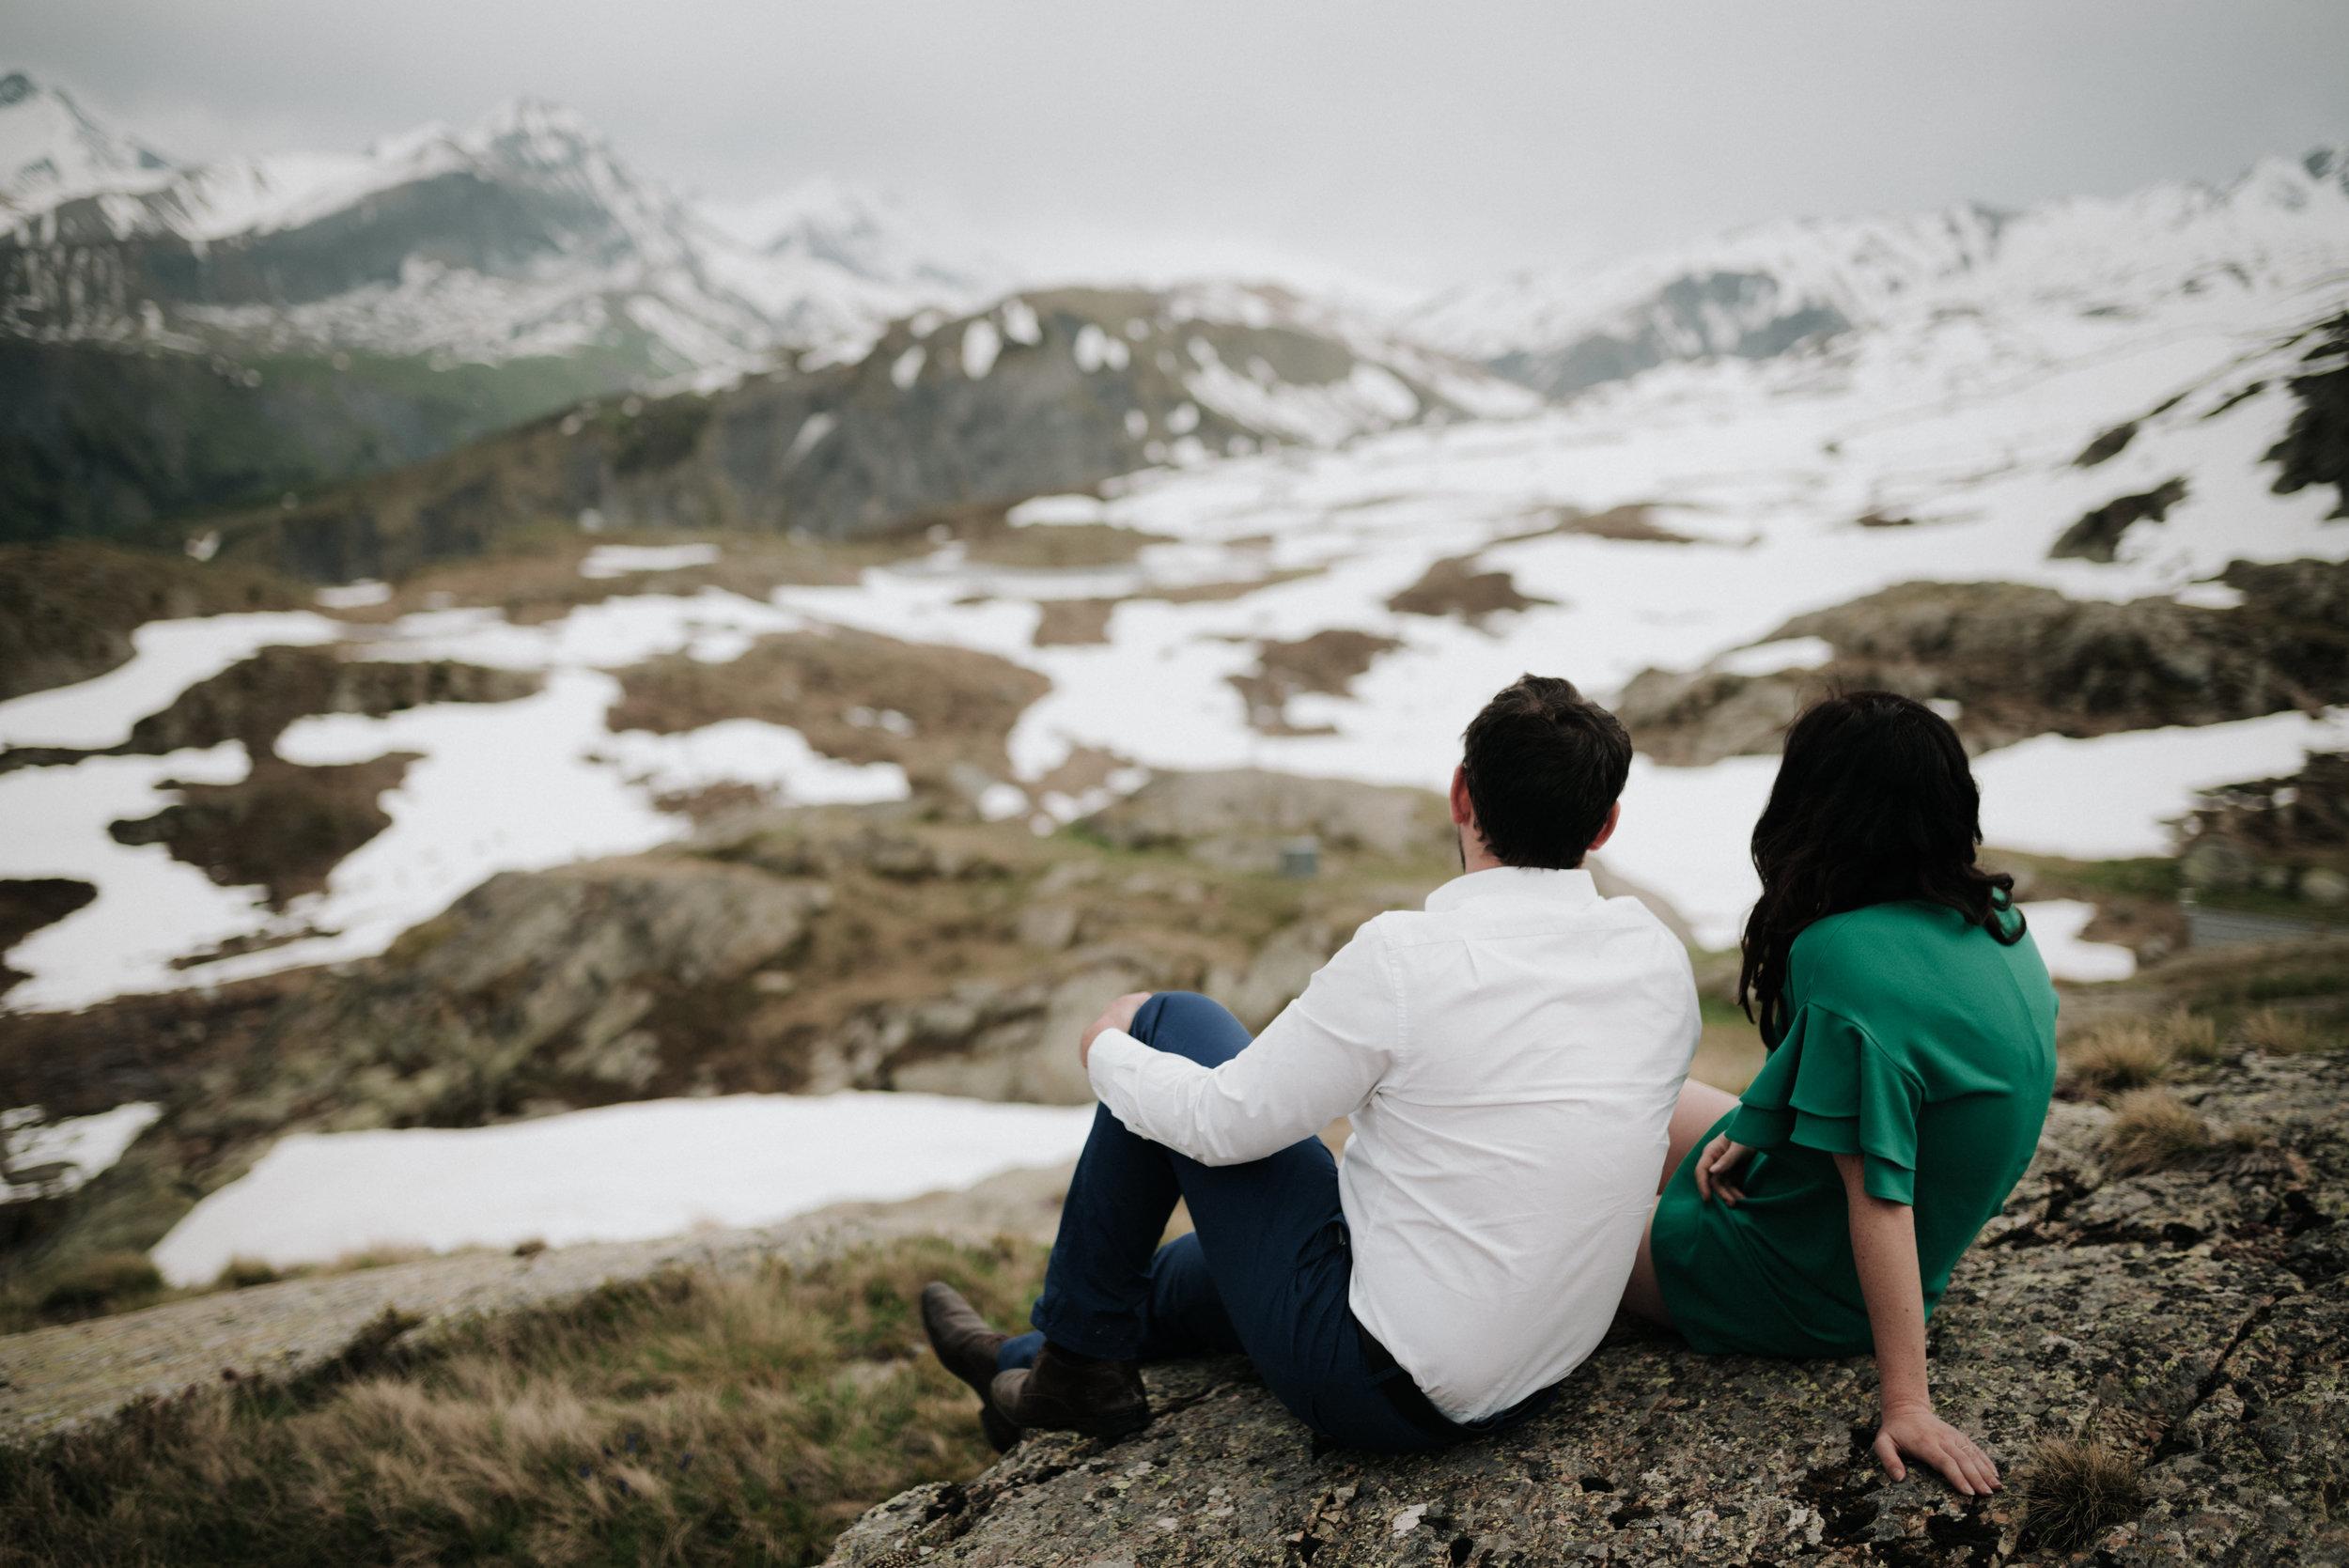 Léa-Fery-photographe-professionnel-lyon-rhone-alpes-portrait-creation-mariage-evenement-evenementiel-famille-0760.jpg